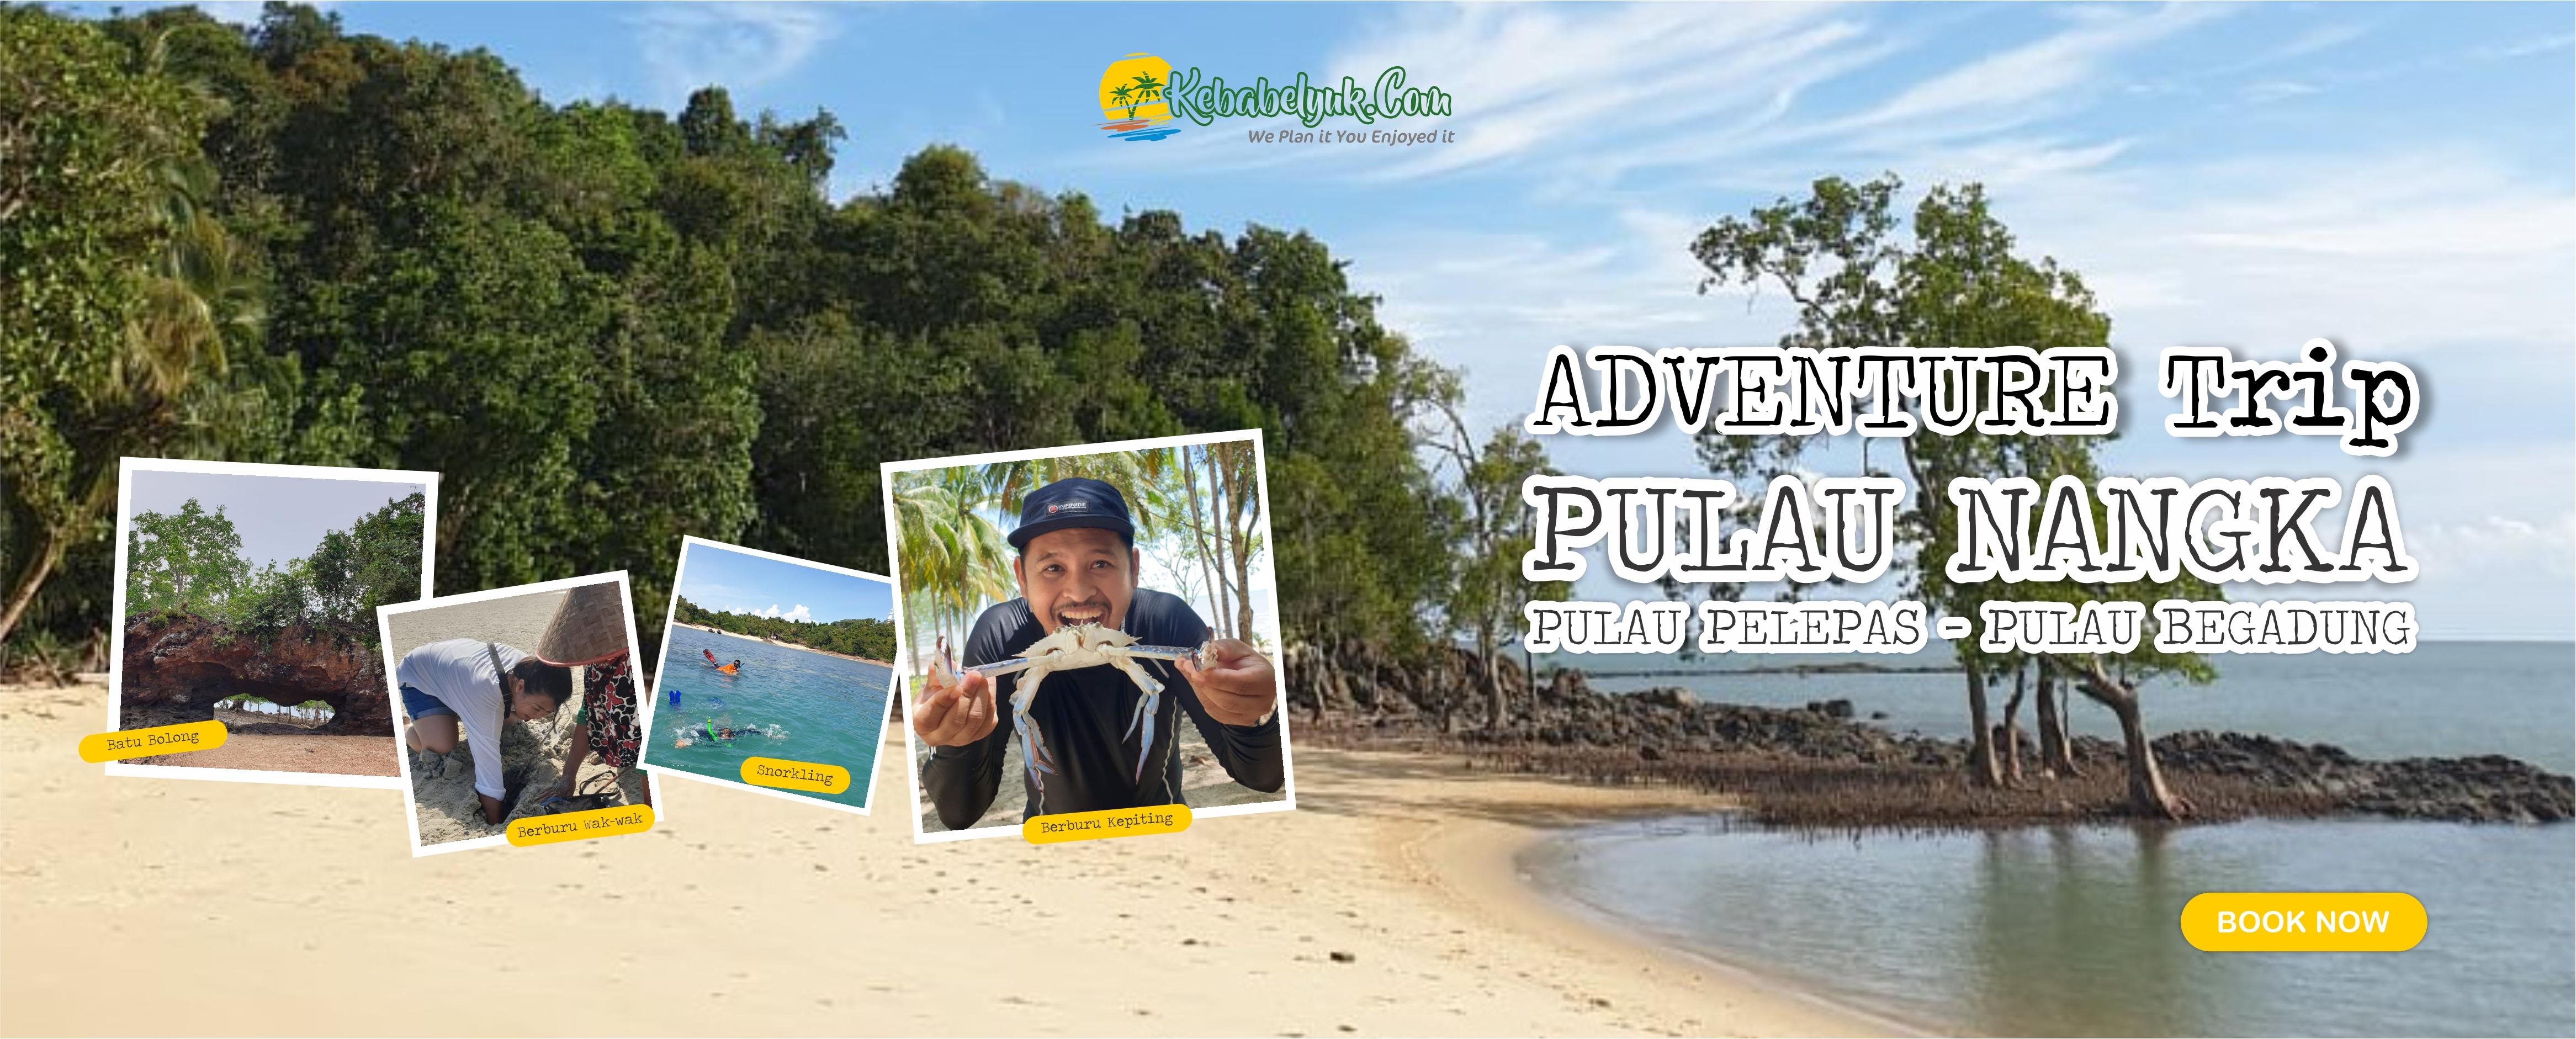 Paket Wisata Pulau Nangka